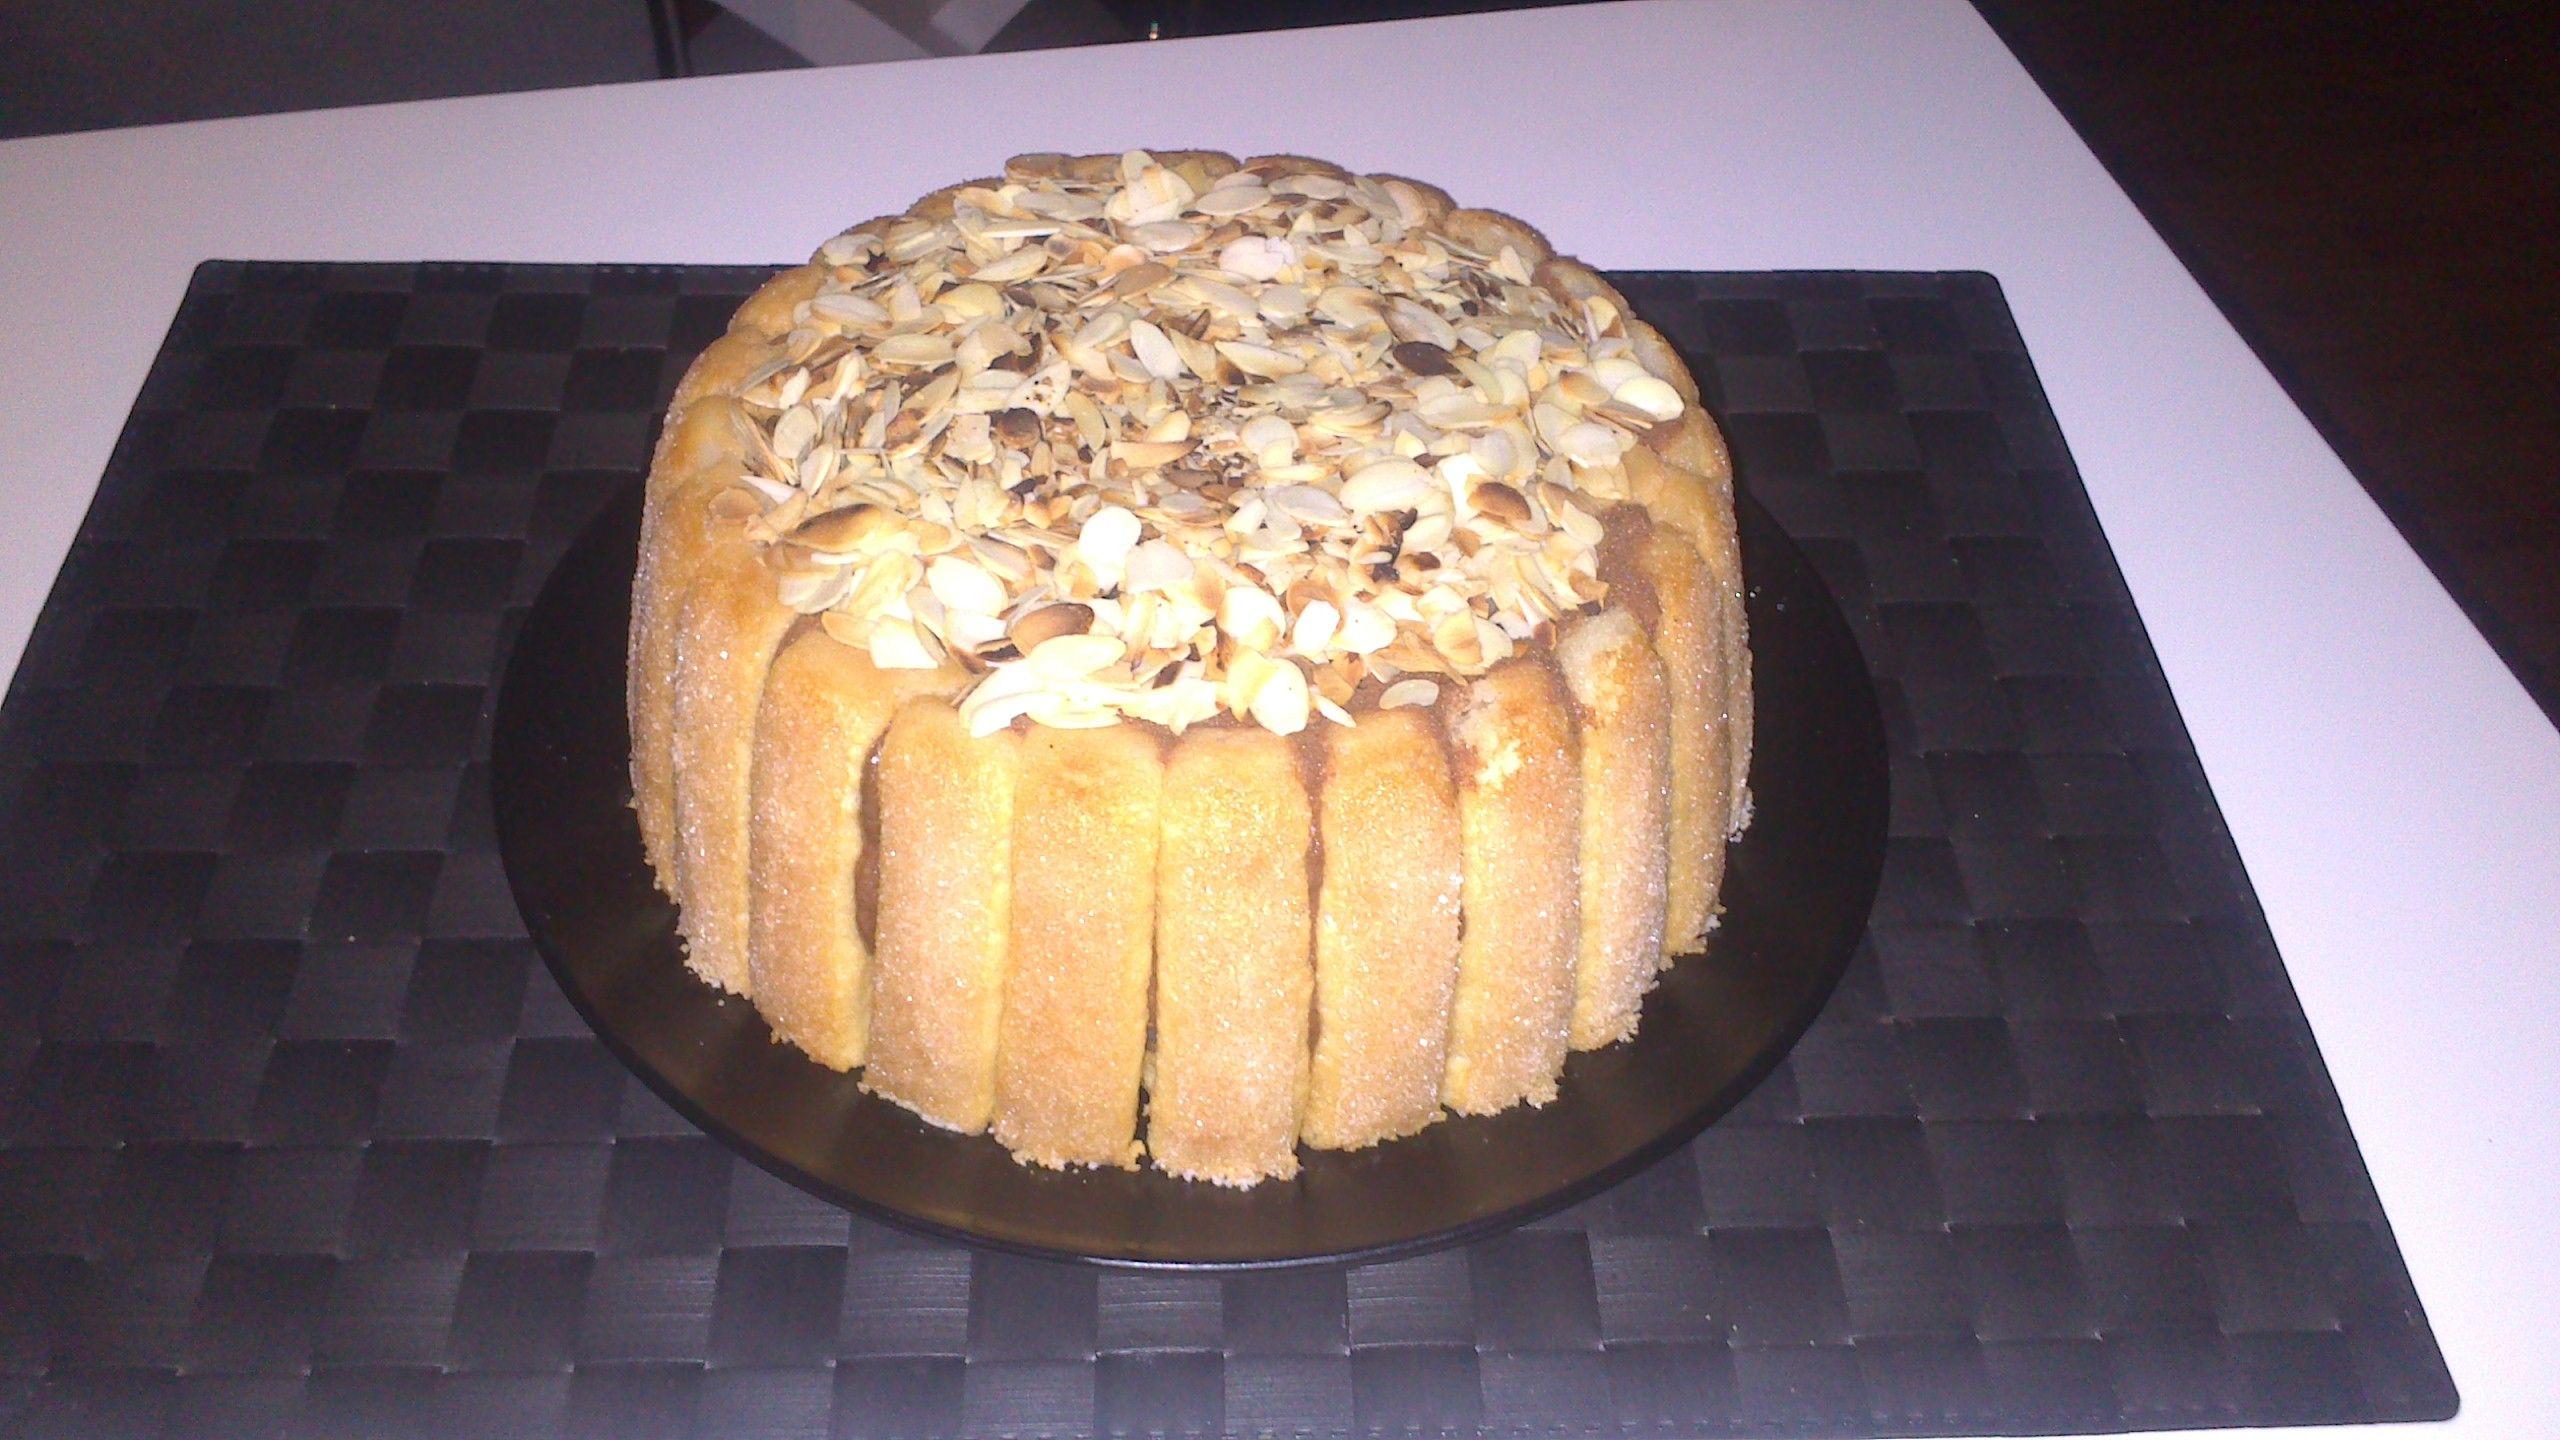 Epingle Sur Gateaux Cup Cake